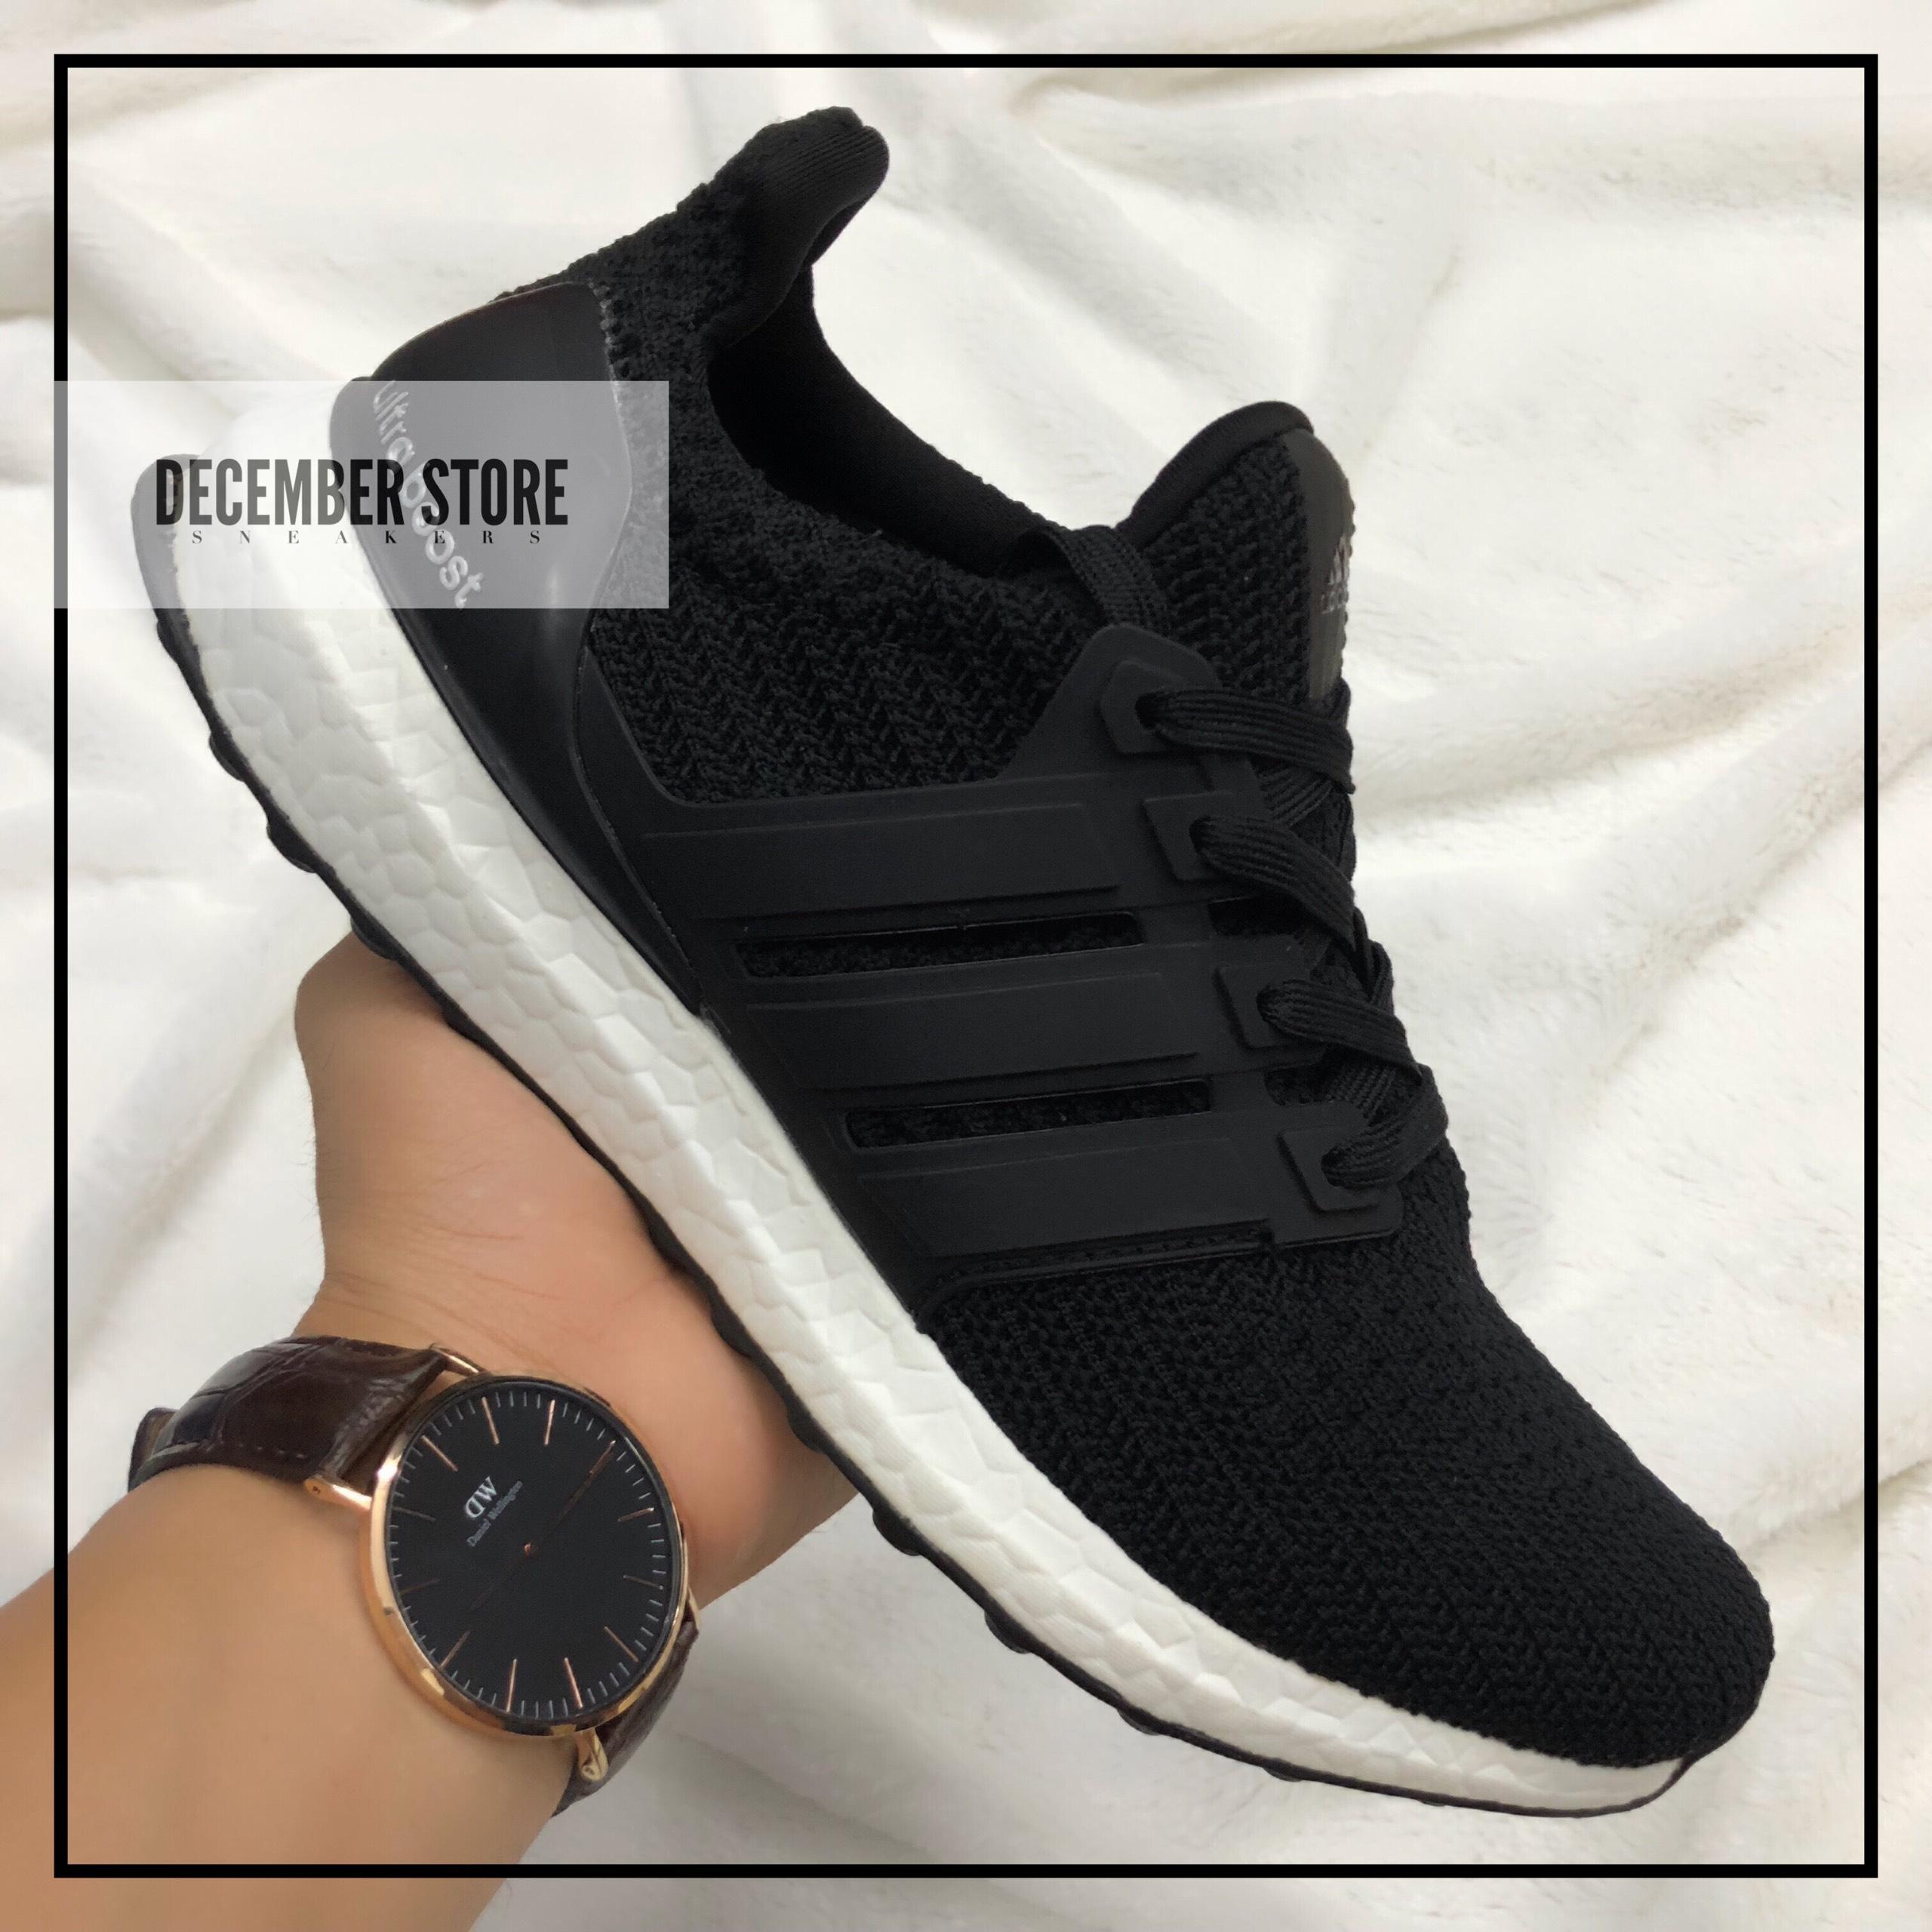 Giày Thể Thao ULTRA BOOST 4.0, Màu Đen